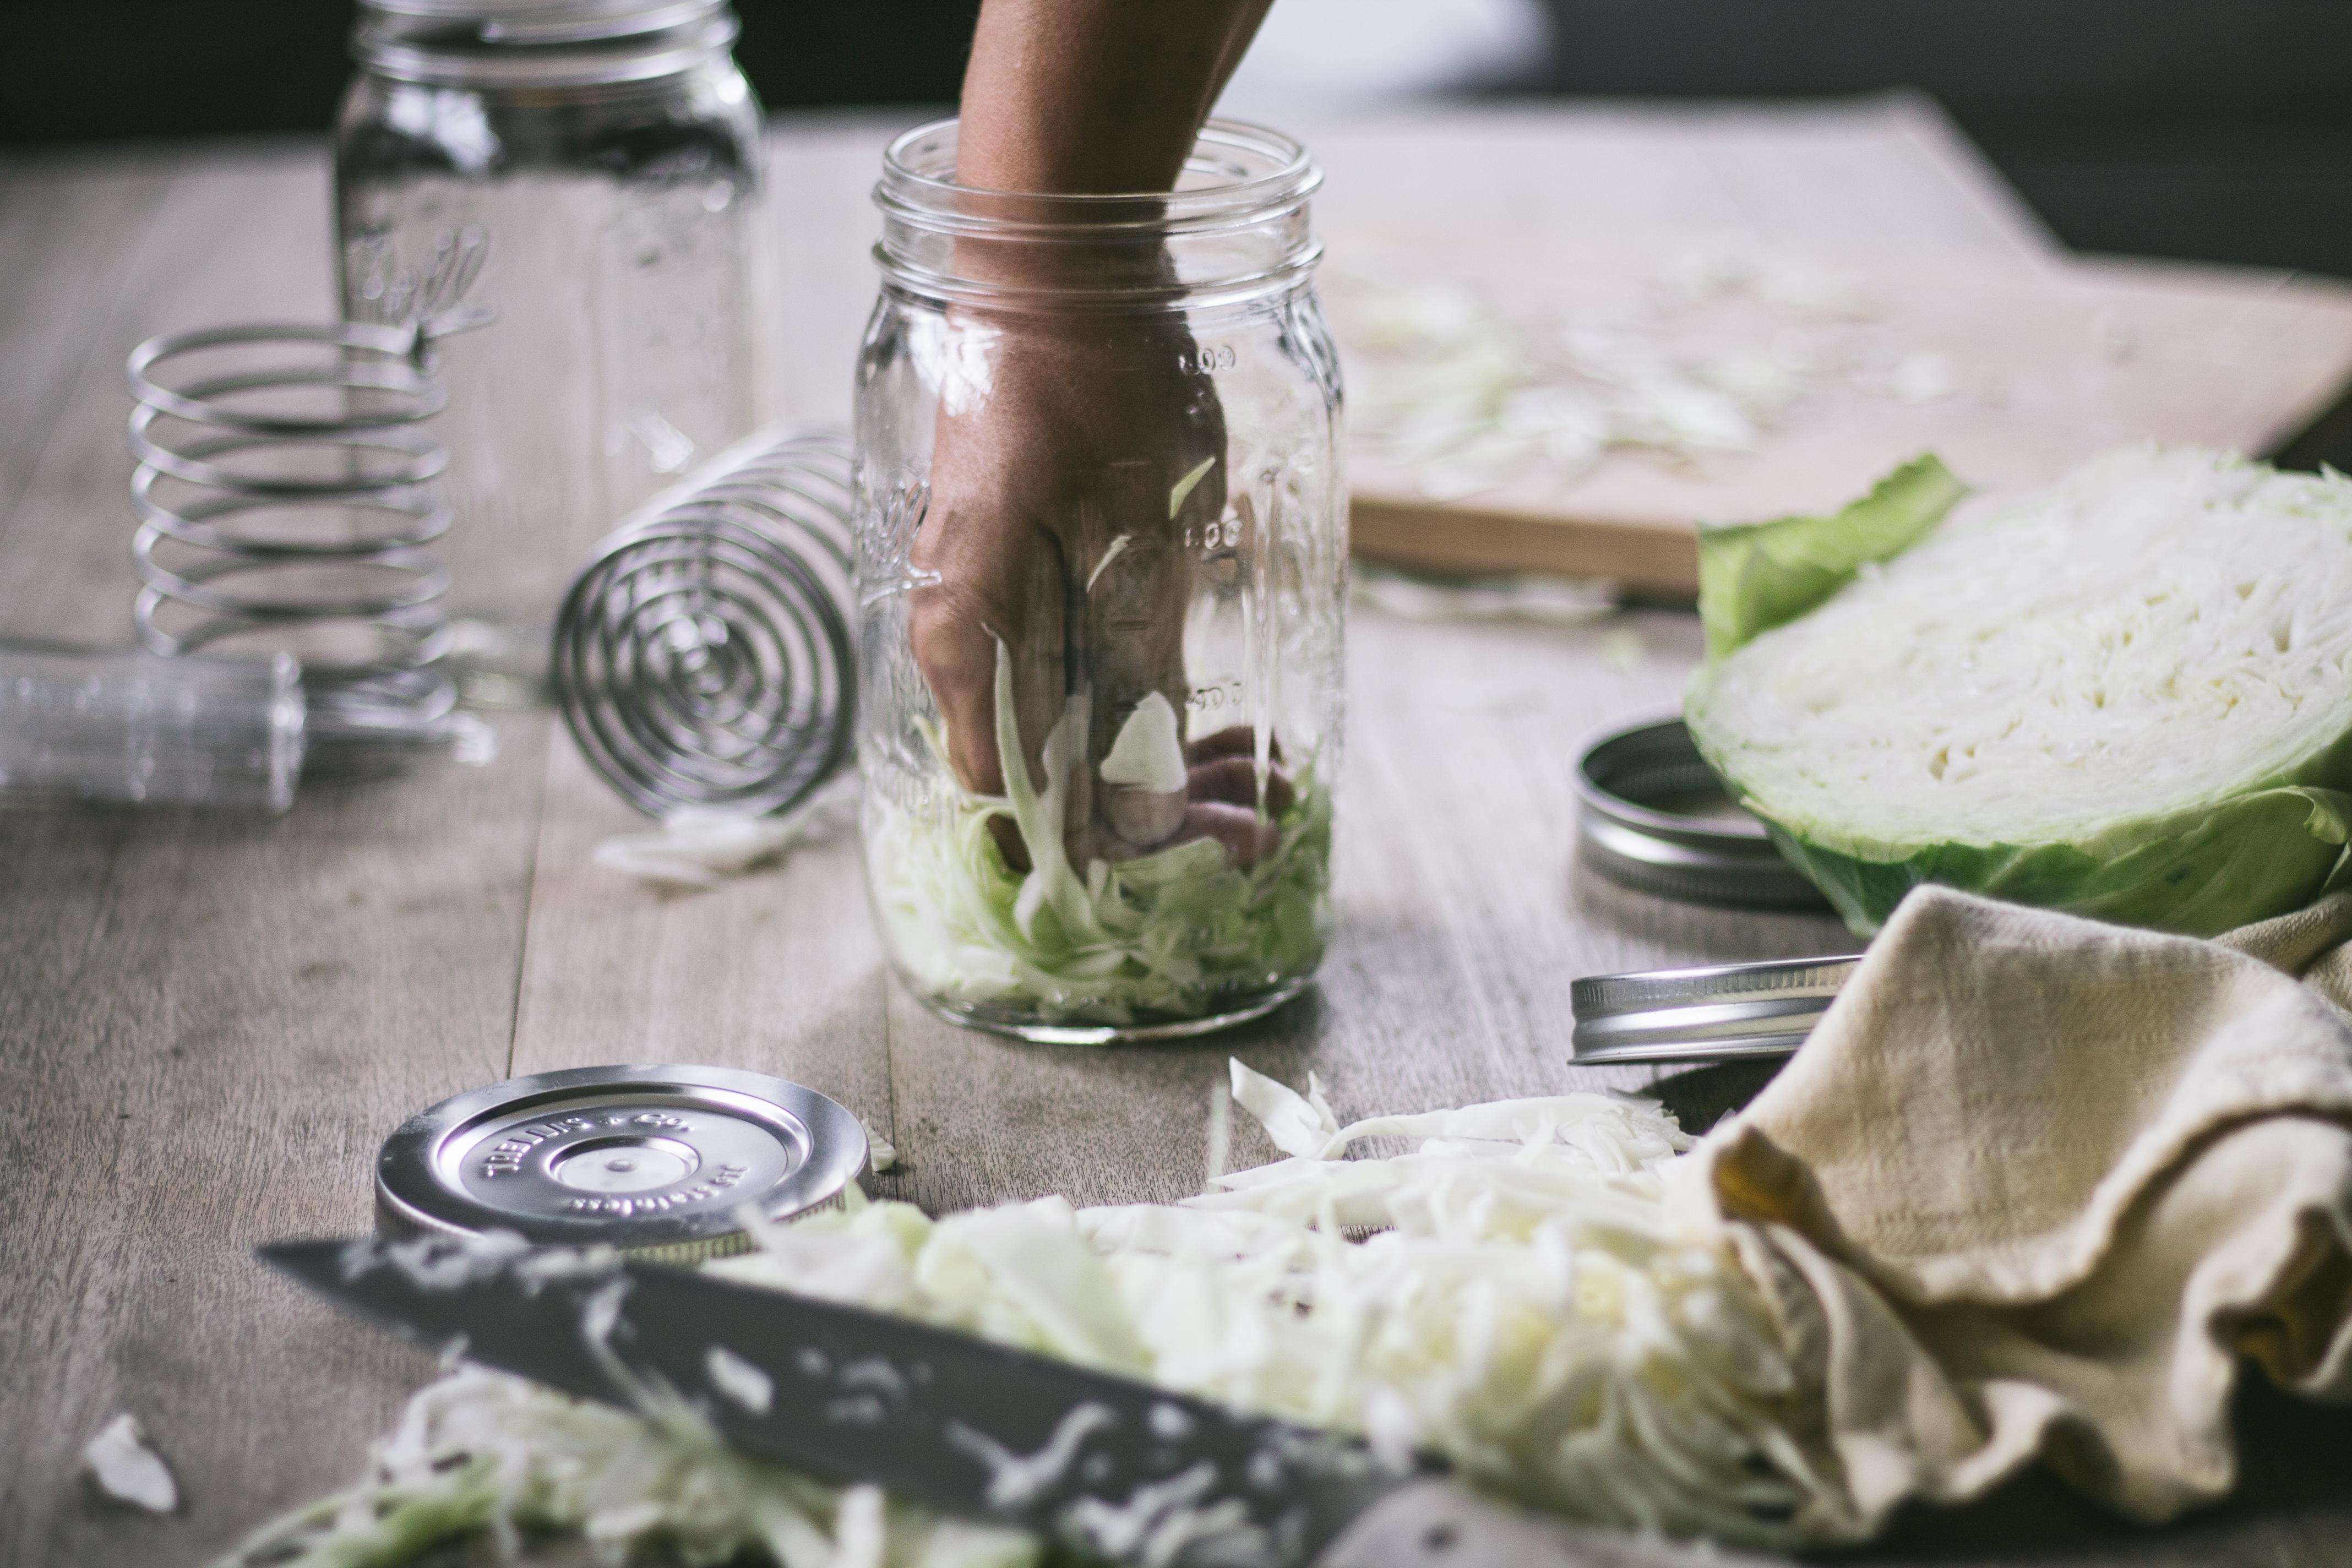 a hand making sauerkraut in a mason jar